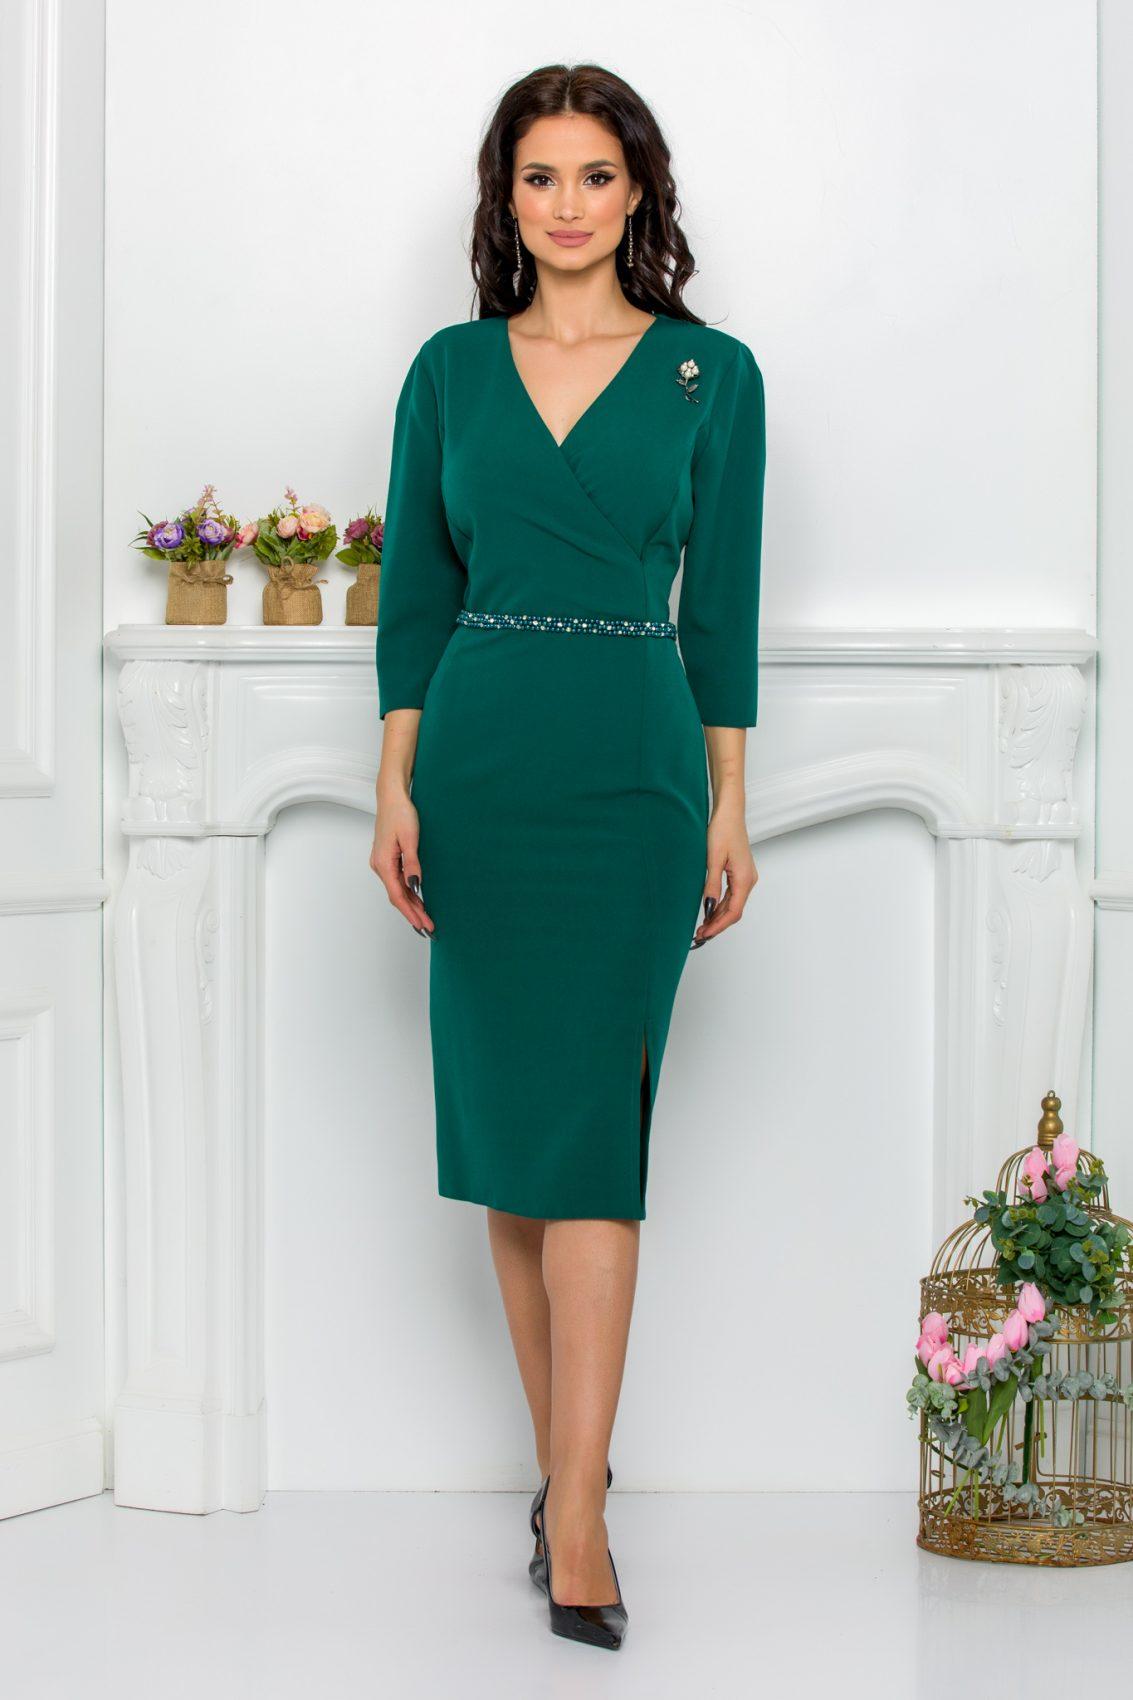 Πράσινο Φόρεμα Με Πέρλες Johanna 9550 1